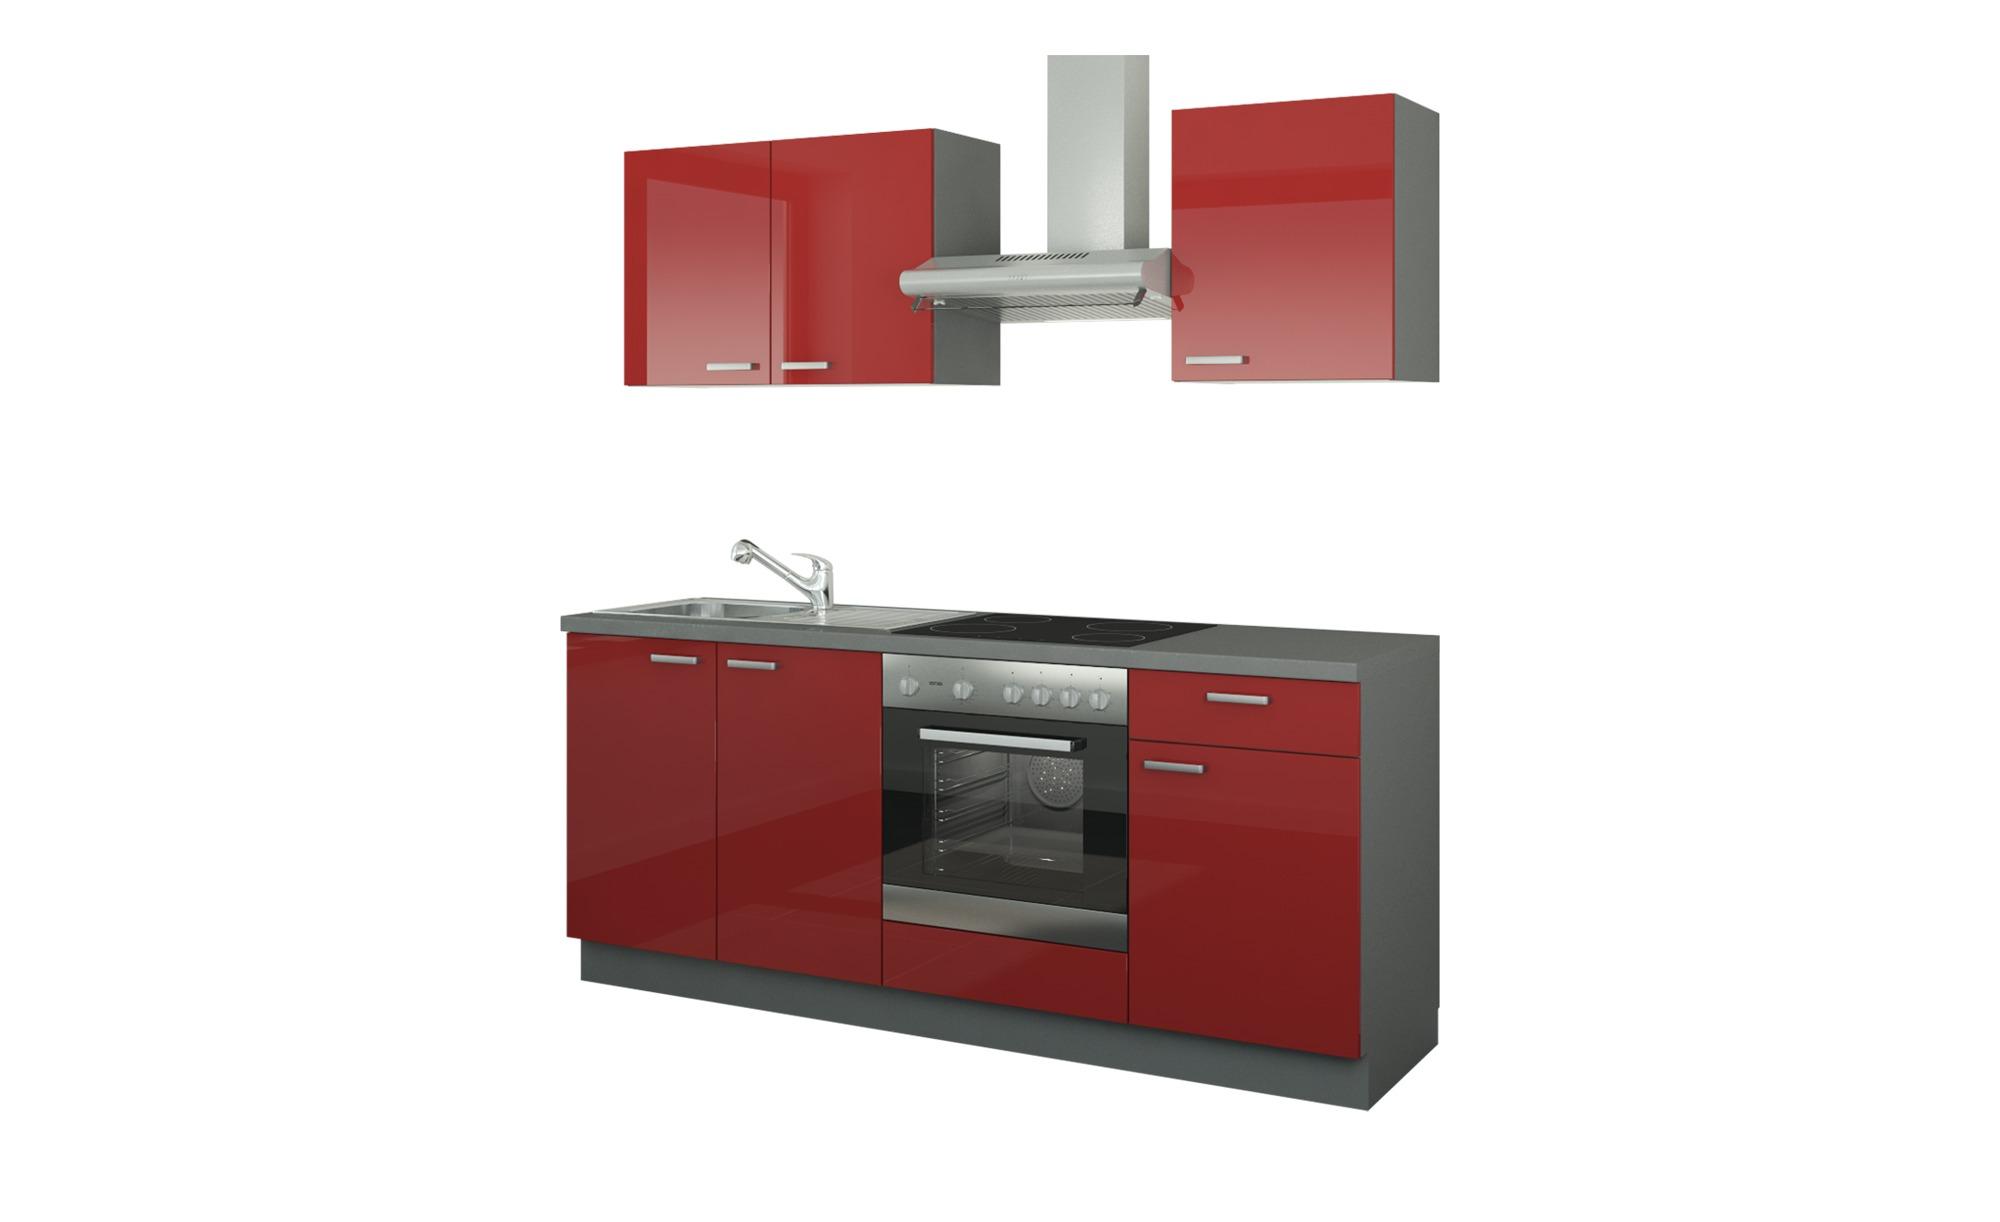 Küchenzeile mit Elektrogeräten  Binz ¦ rot ¦ Maße (cm): B: 200 Küchen > Küchenblöcke mit E-Geräten - Höffner | Küche und Esszimmer > Küchen | Möbel Höffner DE